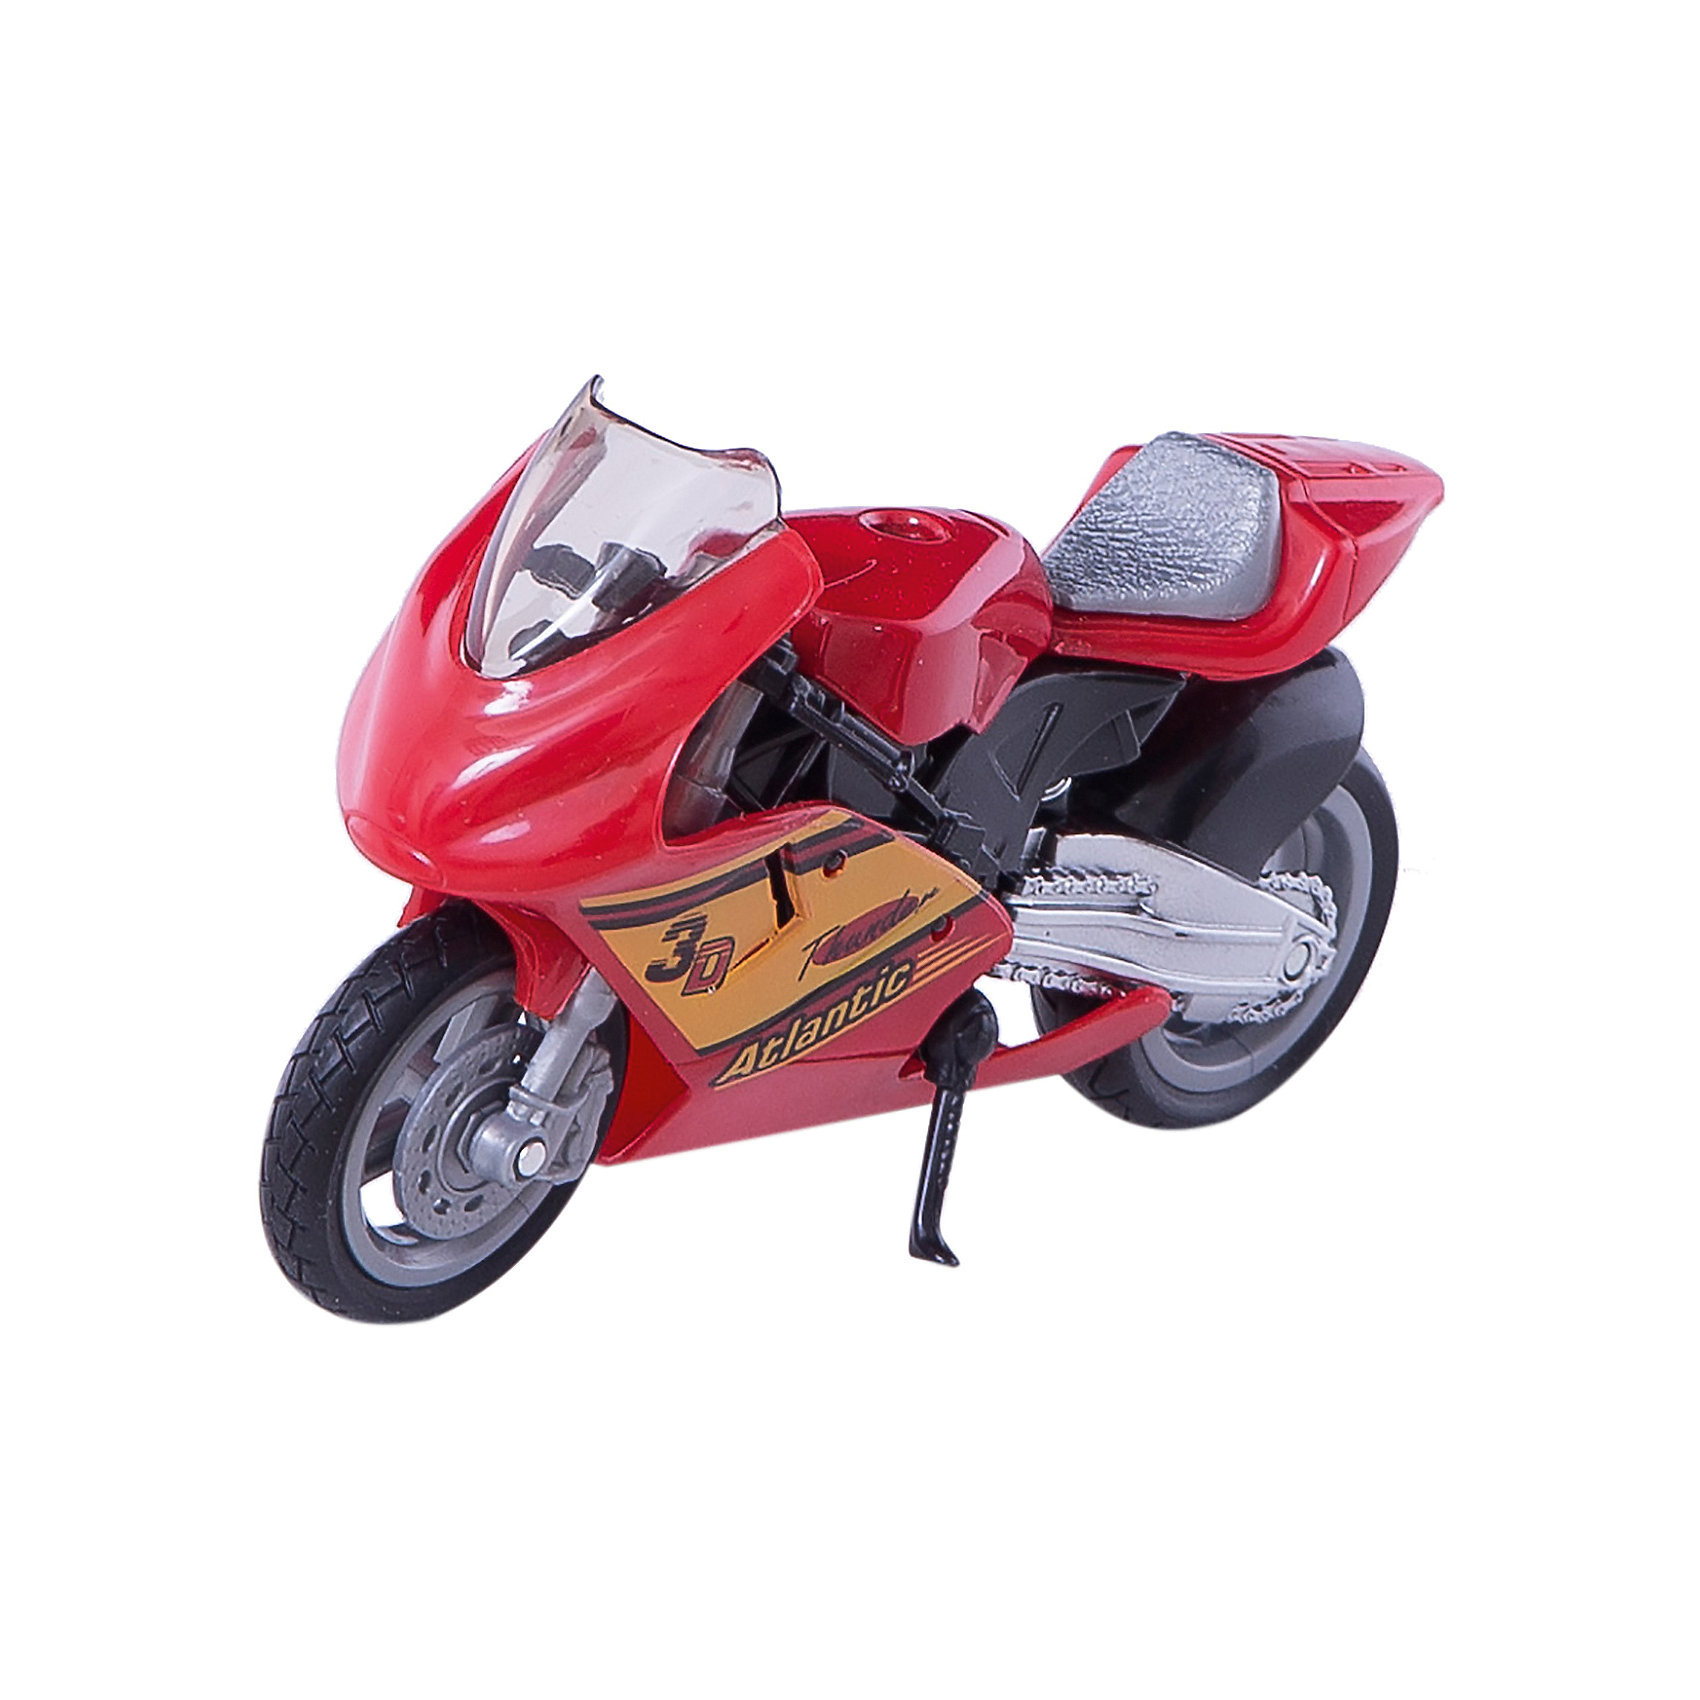 Мотоцикл MARANELLO FIREWALL Z4, 1:18Машинки<br>Любой мальчишка придет в восторг от такого яркого и прекрасно детализированного мотоцикла! Модель выполнена в масштабе 1:18, имеет вращающиеся колеса с резиновыми шинами. Изготовлена из металла, реалистично раскрашена. <br><br>Дополнительная информация:<br><br>- Материал: пластик, металл.<br>- Масштаб: 1:18.<br>- Колеса подвижные.<br><br>Машину MARANELLO FIREWALL Z4, 1:18, можно купить в нашем магазине.<br><br>Ширина мм: 140<br>Глубина мм: 45<br>Высота мм: 83<br>Вес г: 82<br>Возраст от месяцев: 36<br>Возраст до месяцев: 84<br>Пол: Мужской<br>Возраст: Детский<br>SKU: 4515368